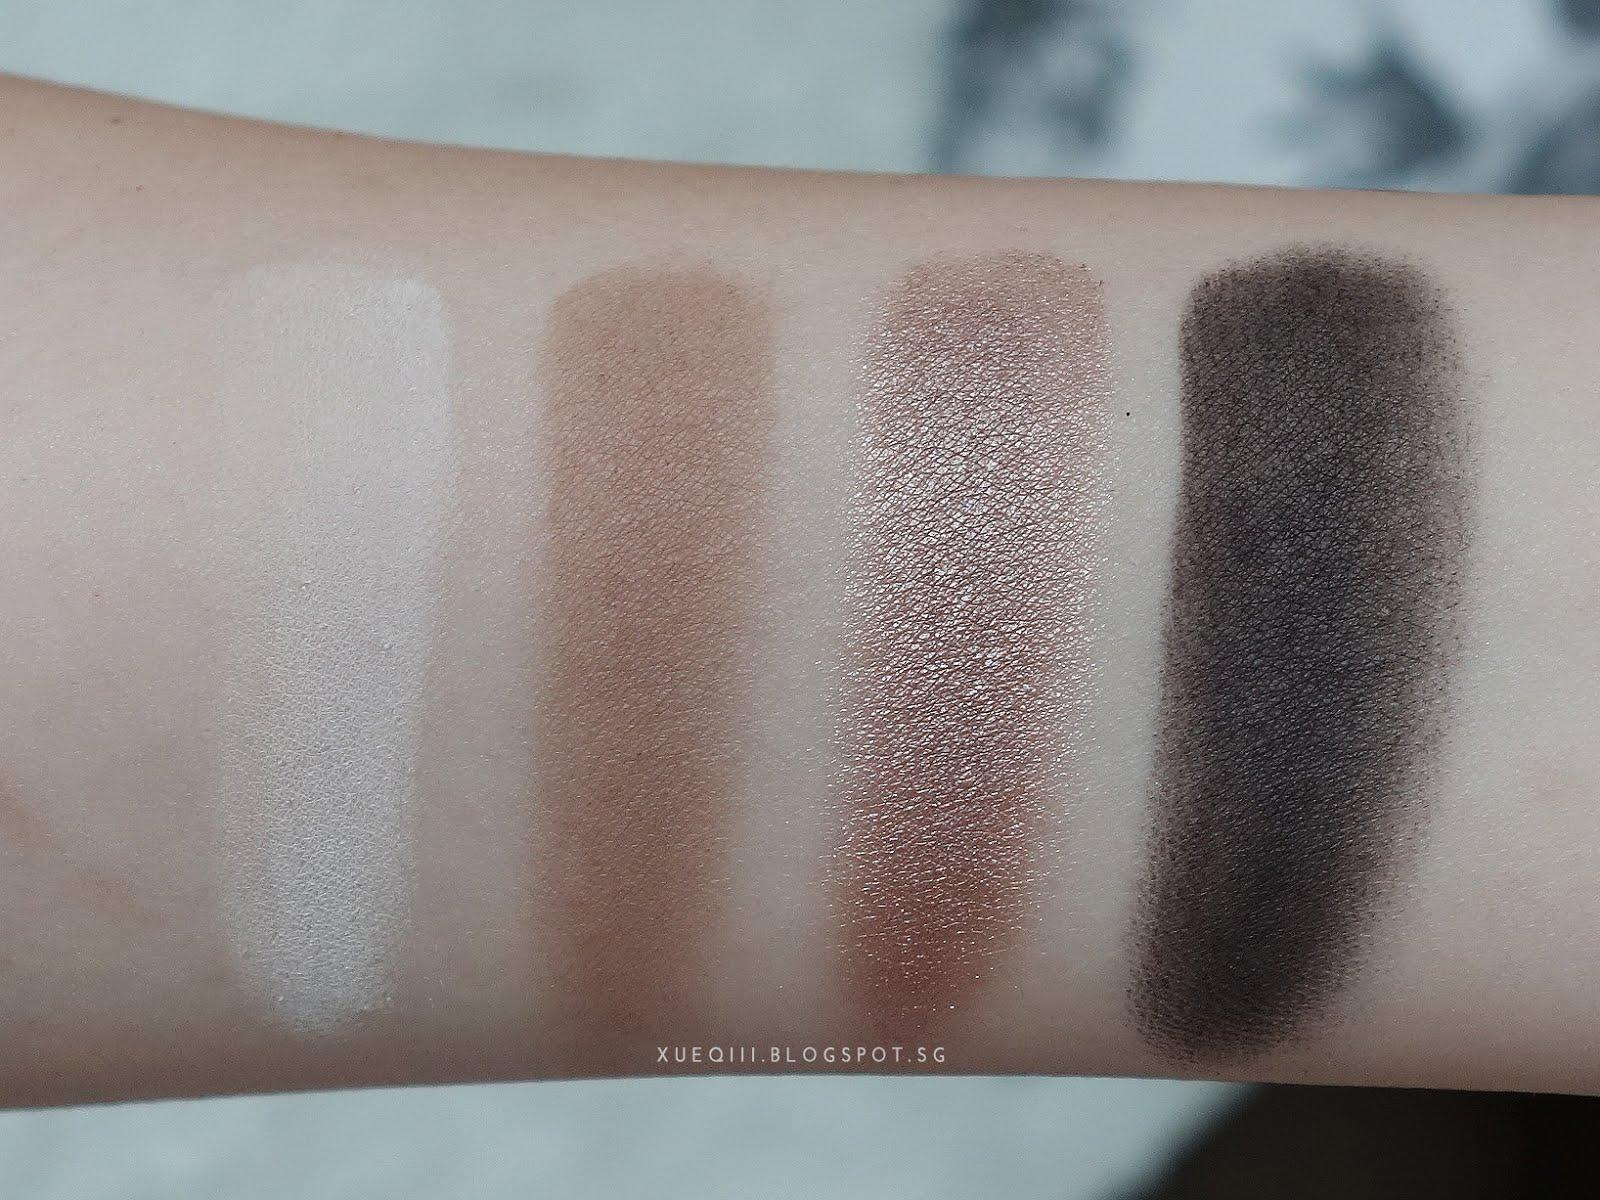 Tartelette In Bloom Clay Eyeshadow Palette by Tarte #13